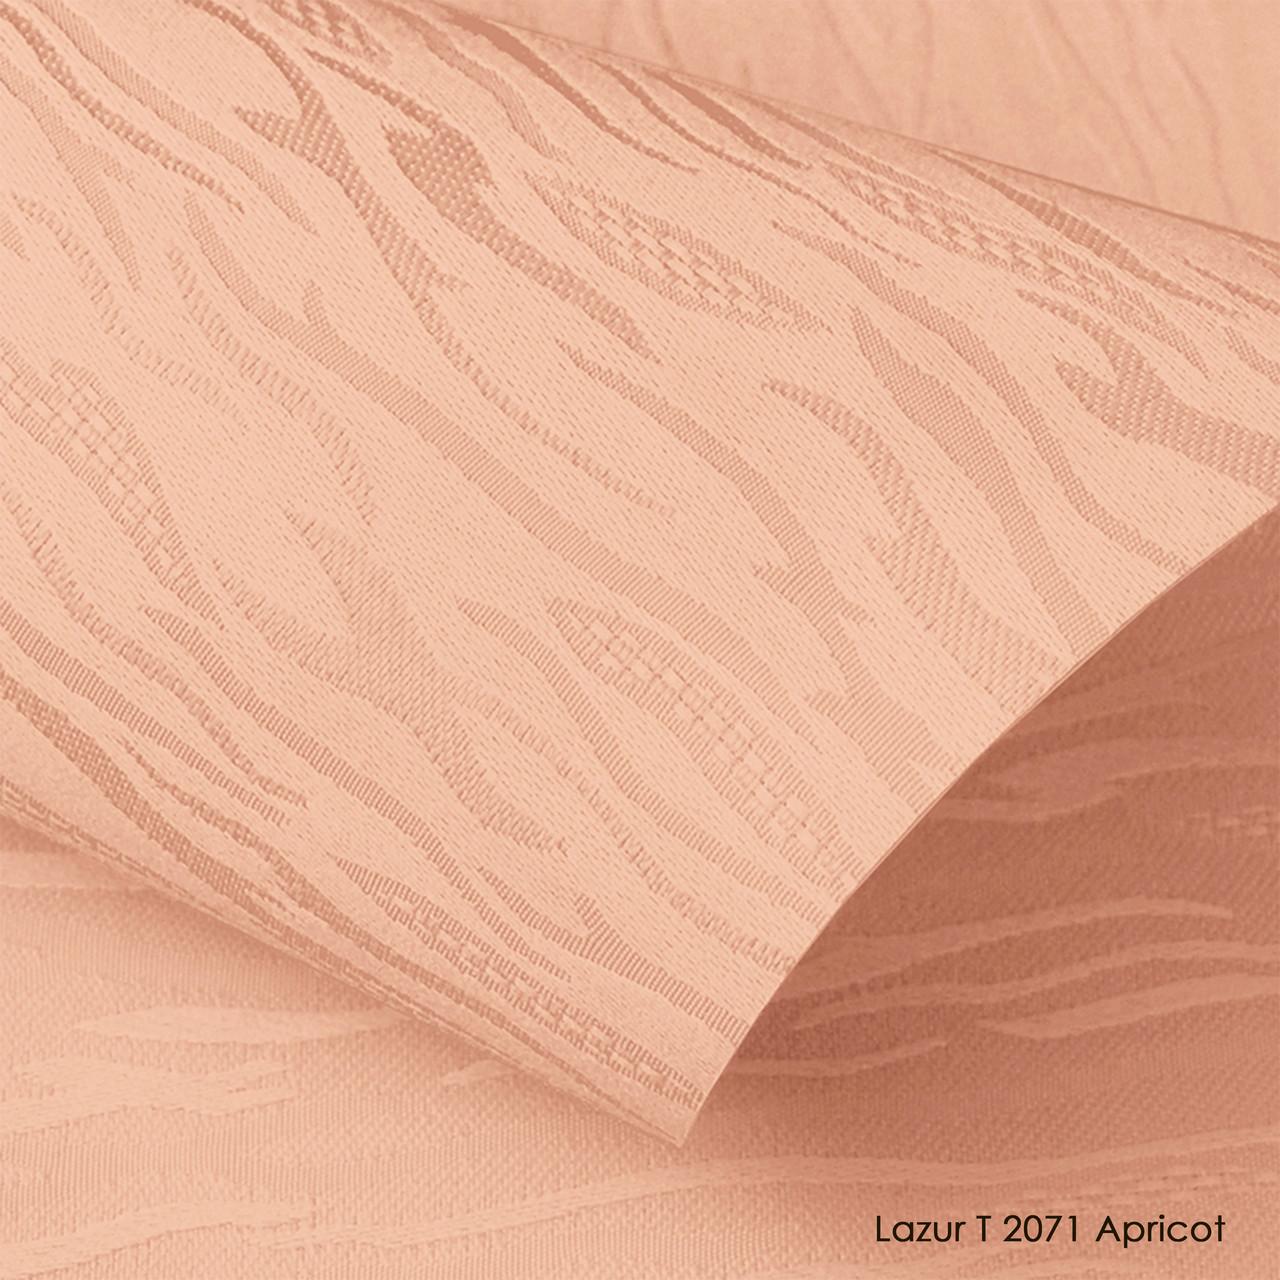 Ролеты тканевые Lazur T 2071 Apricot